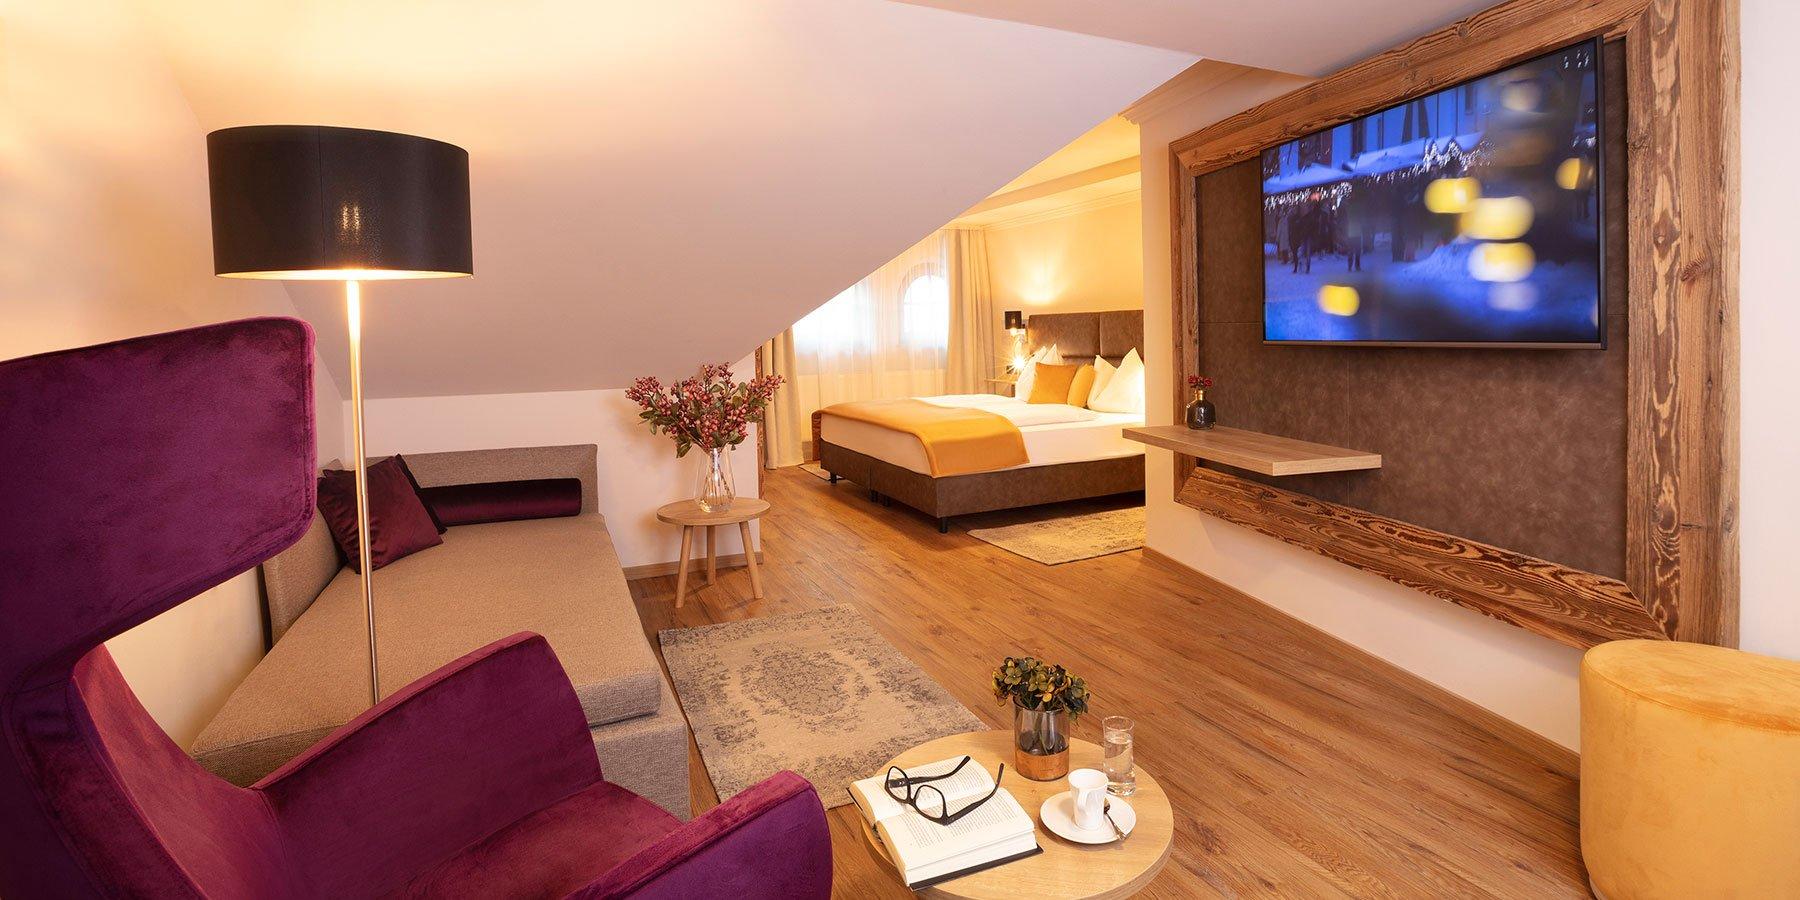 Zimmer & Suiten im Hotel Bergland Seefeld